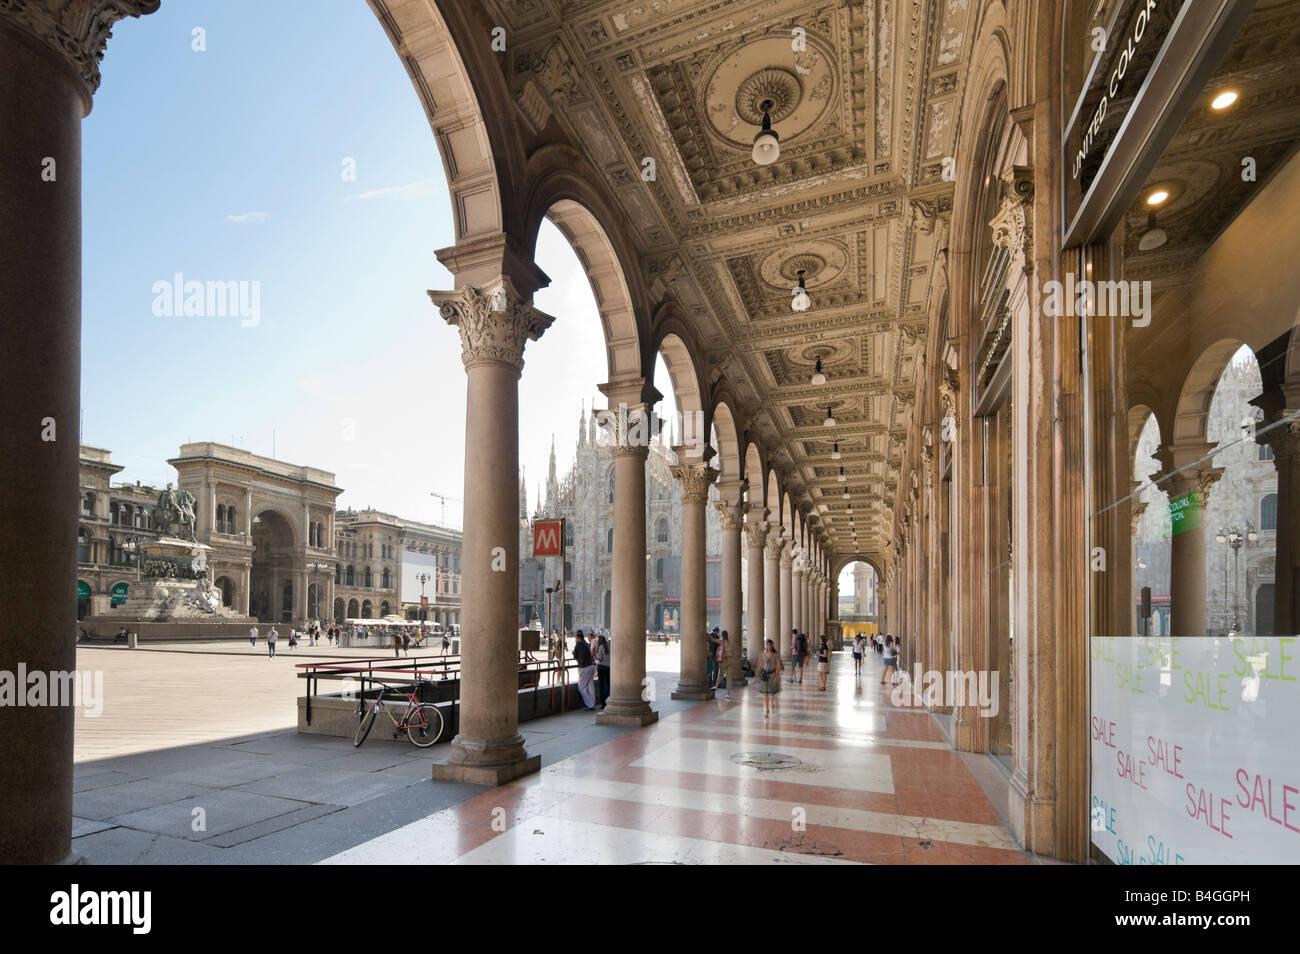 Shopping Arcade si affaccia il Duomo e la Galleria Vittorio Emanuele II, Piazza del Duomo, Milano, Lombardia, Italia Immagini Stock